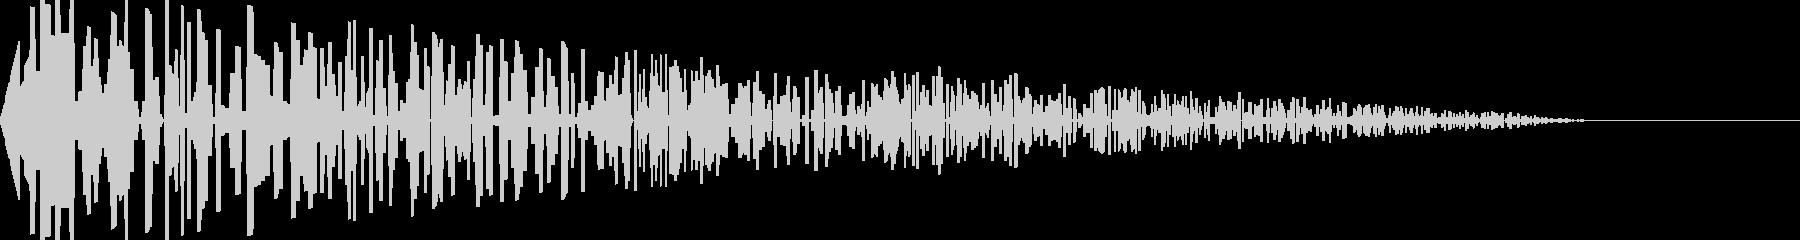 ボカーン(爆発/エンジン/魔法/SNESの未再生の波形